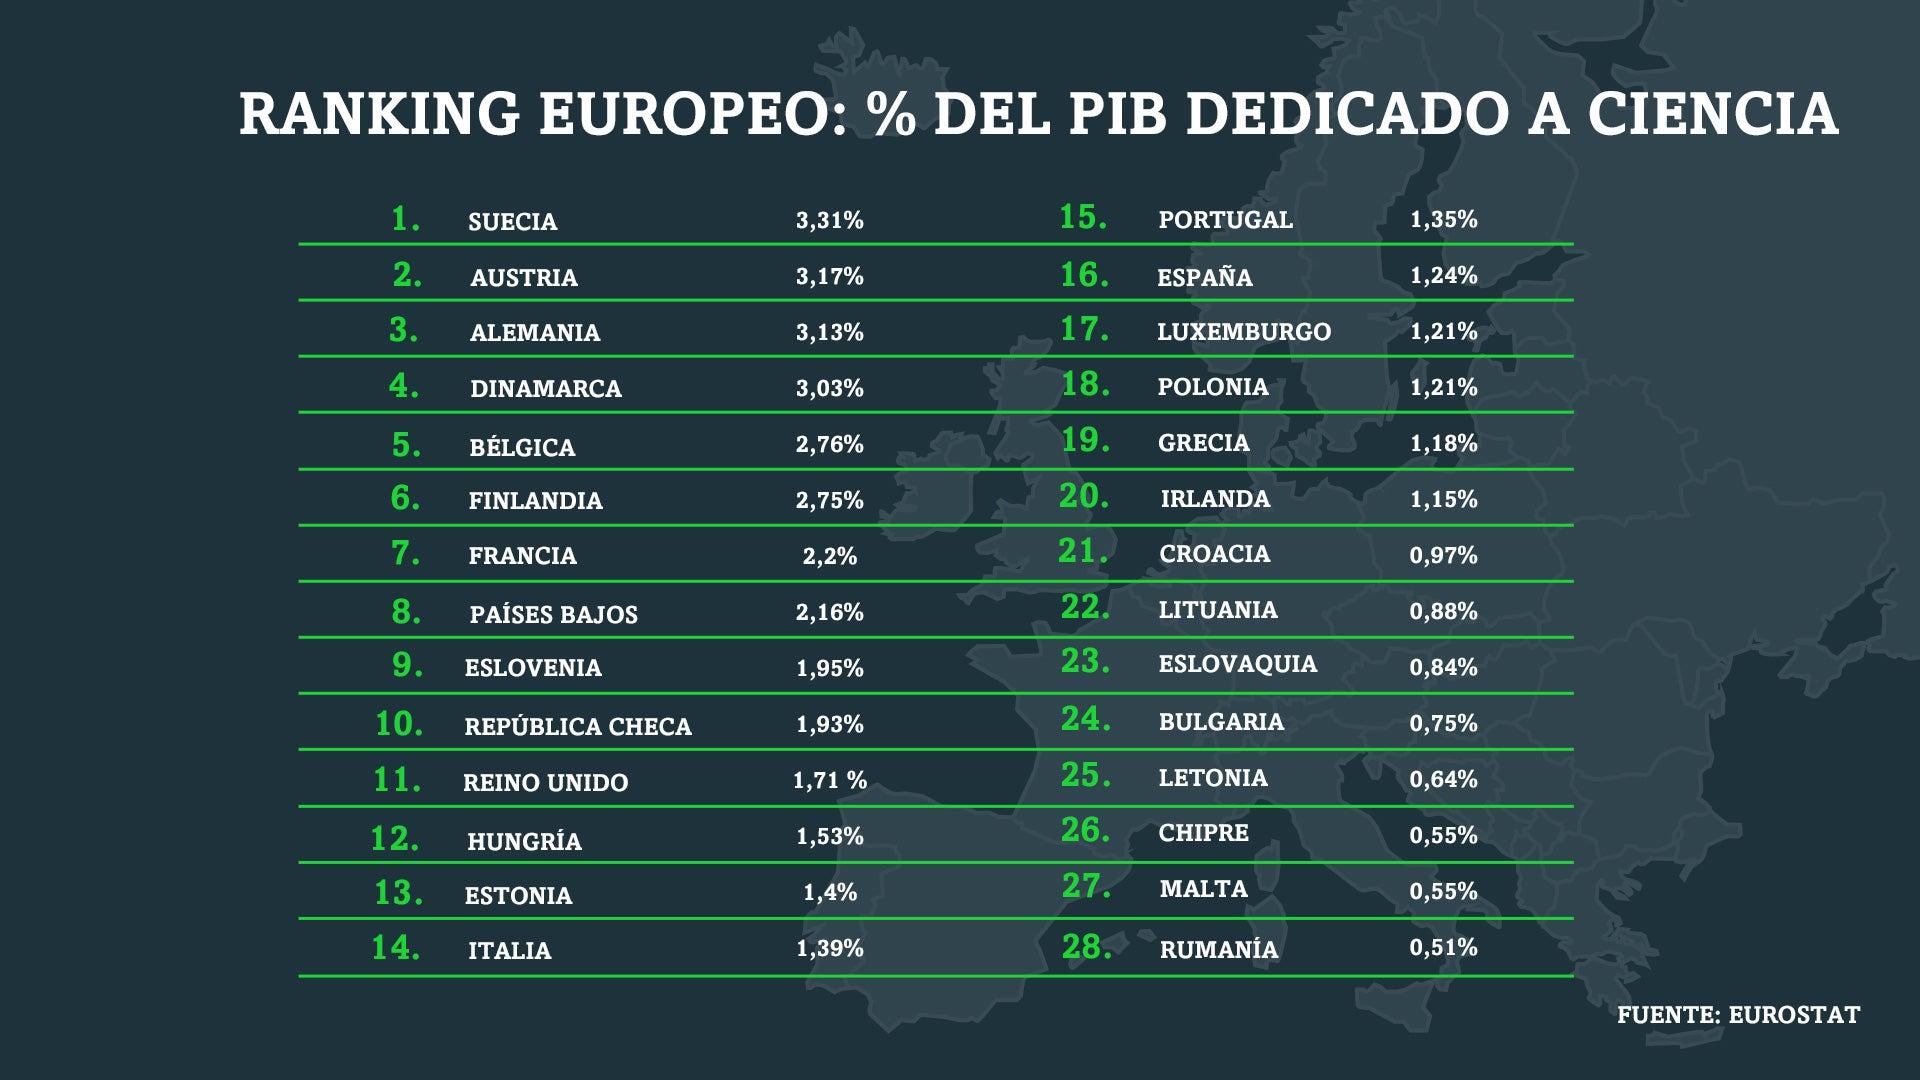 Objetivo 2% ranking europeo